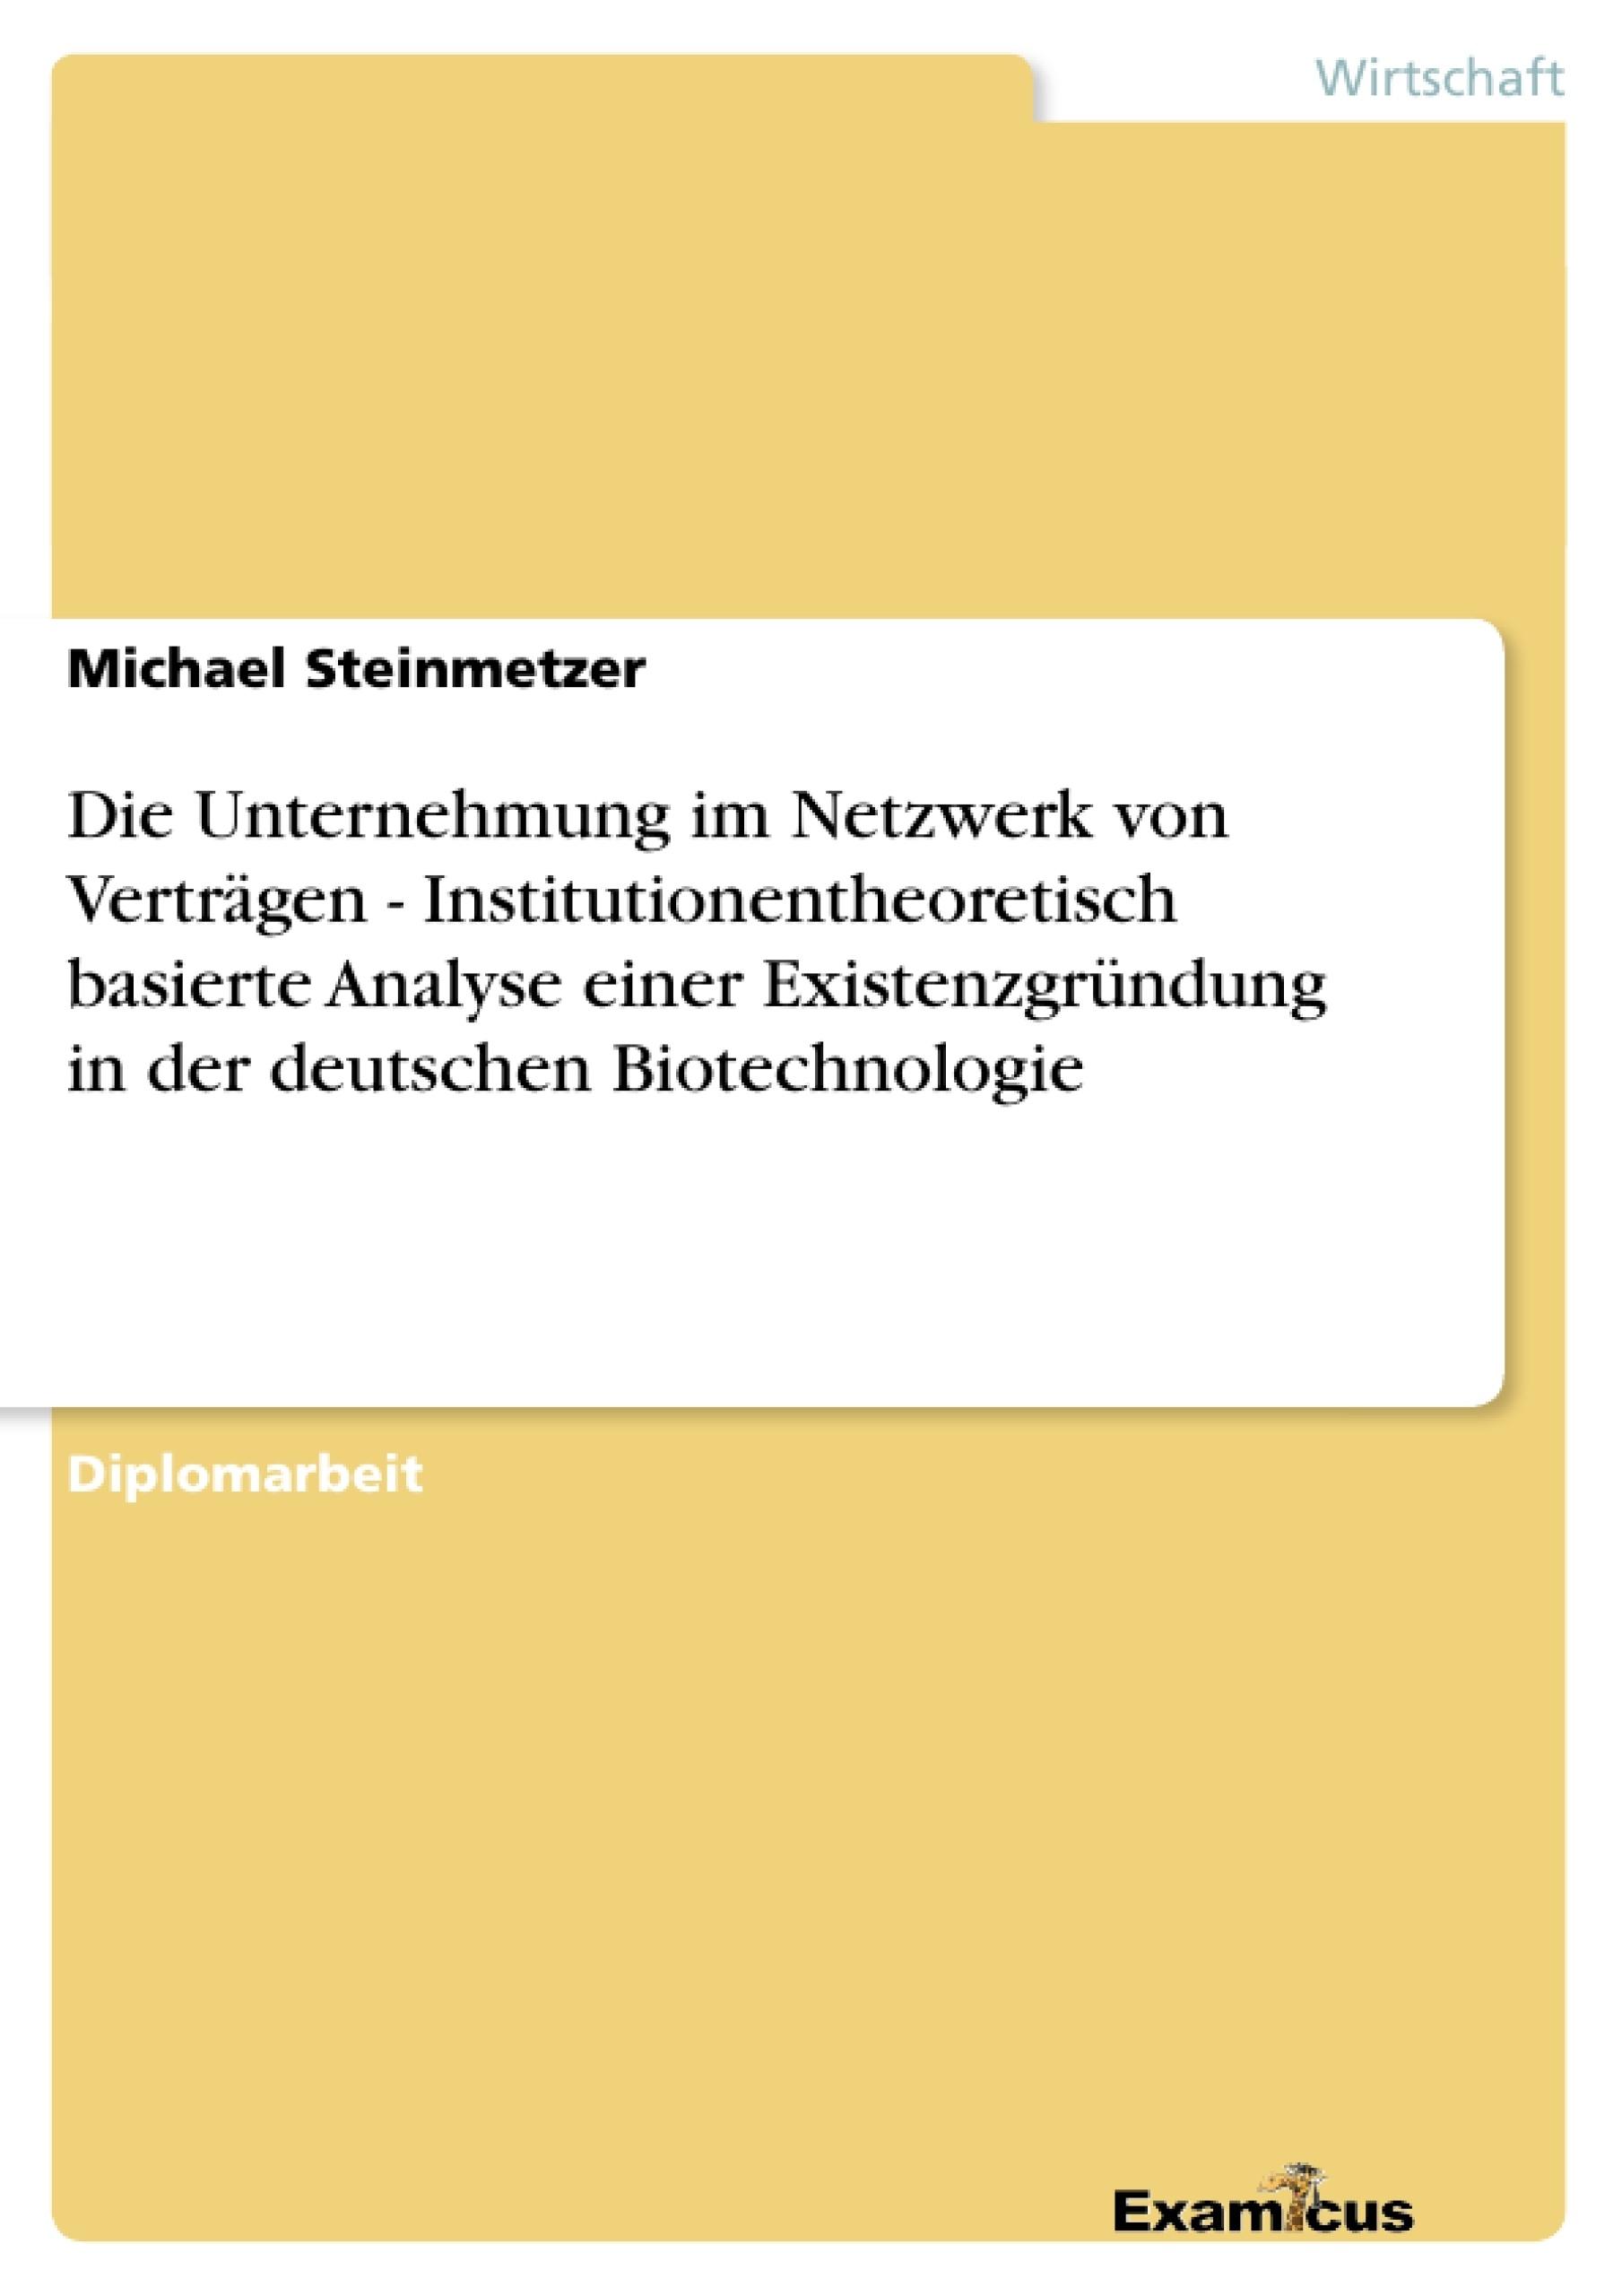 Titel: Die Unternehmung im Netzwerk von Verträgen - Institutionentheoretisch basierte Analyse einer Existenzgründung in der deutschen Biotechnologie